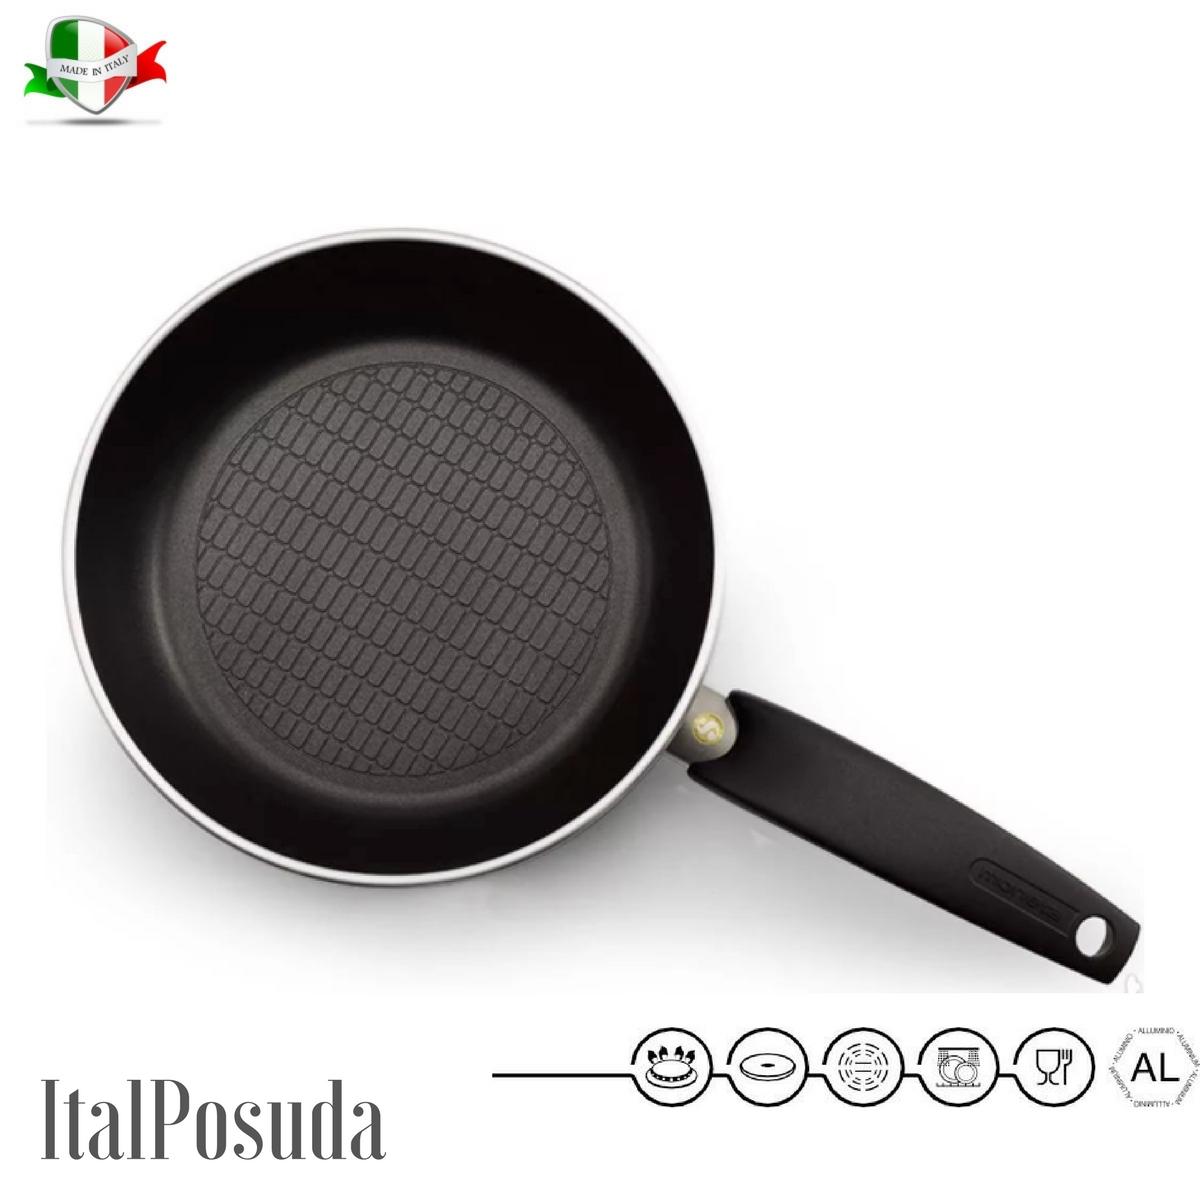 Сковорода MONETA Salvaenergia PLUS, 20 см